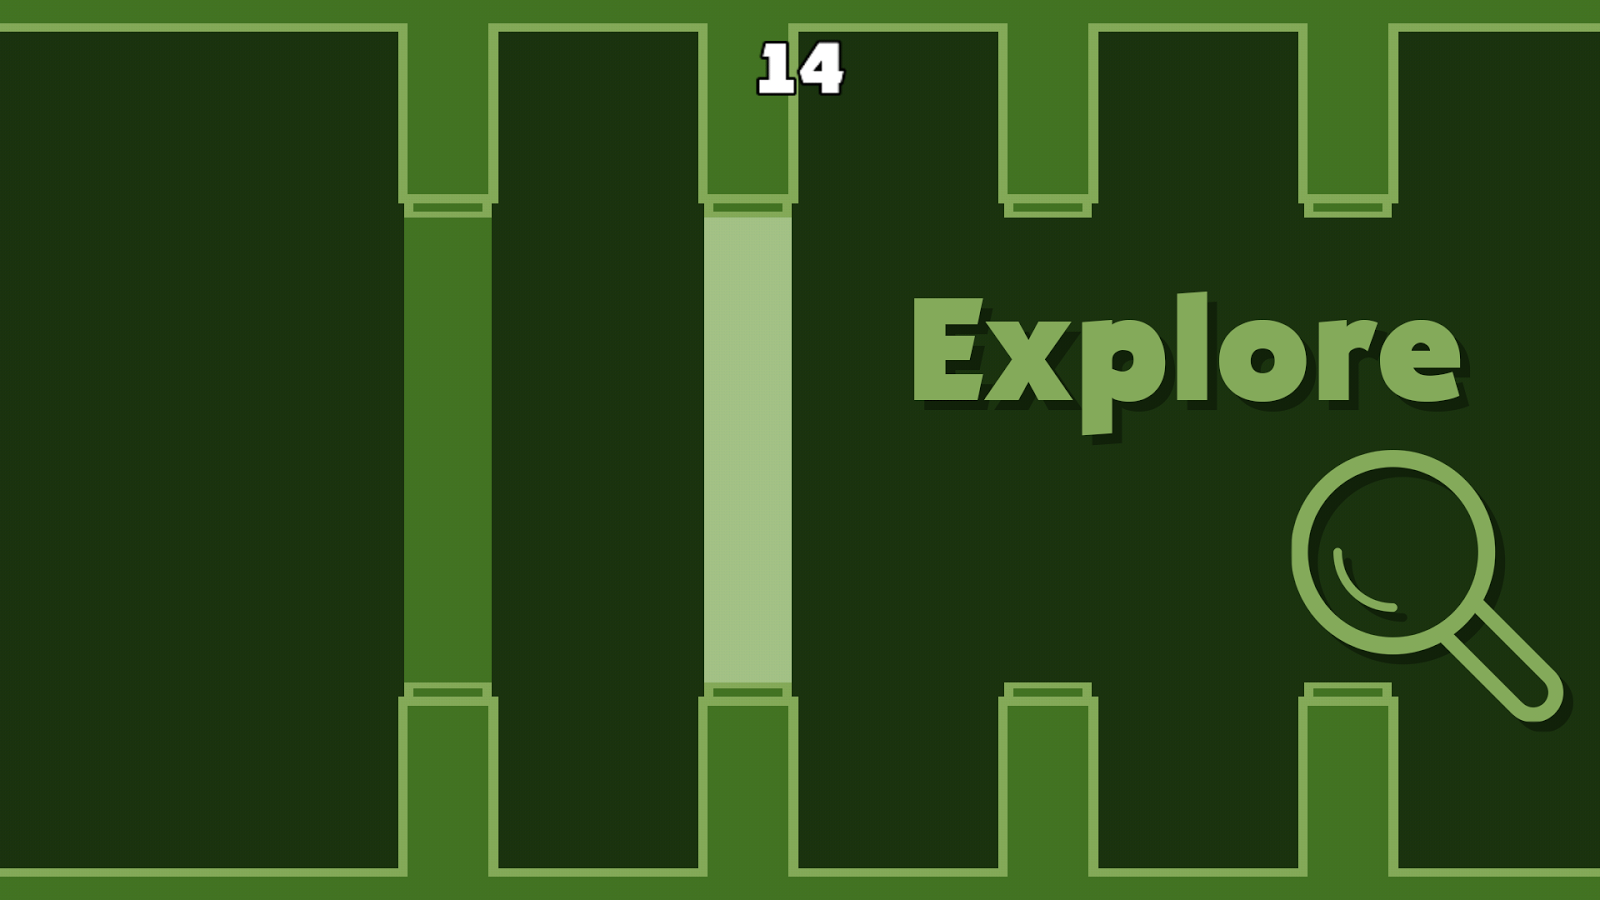 Классные игры на android - dawo.epicadventure.blog